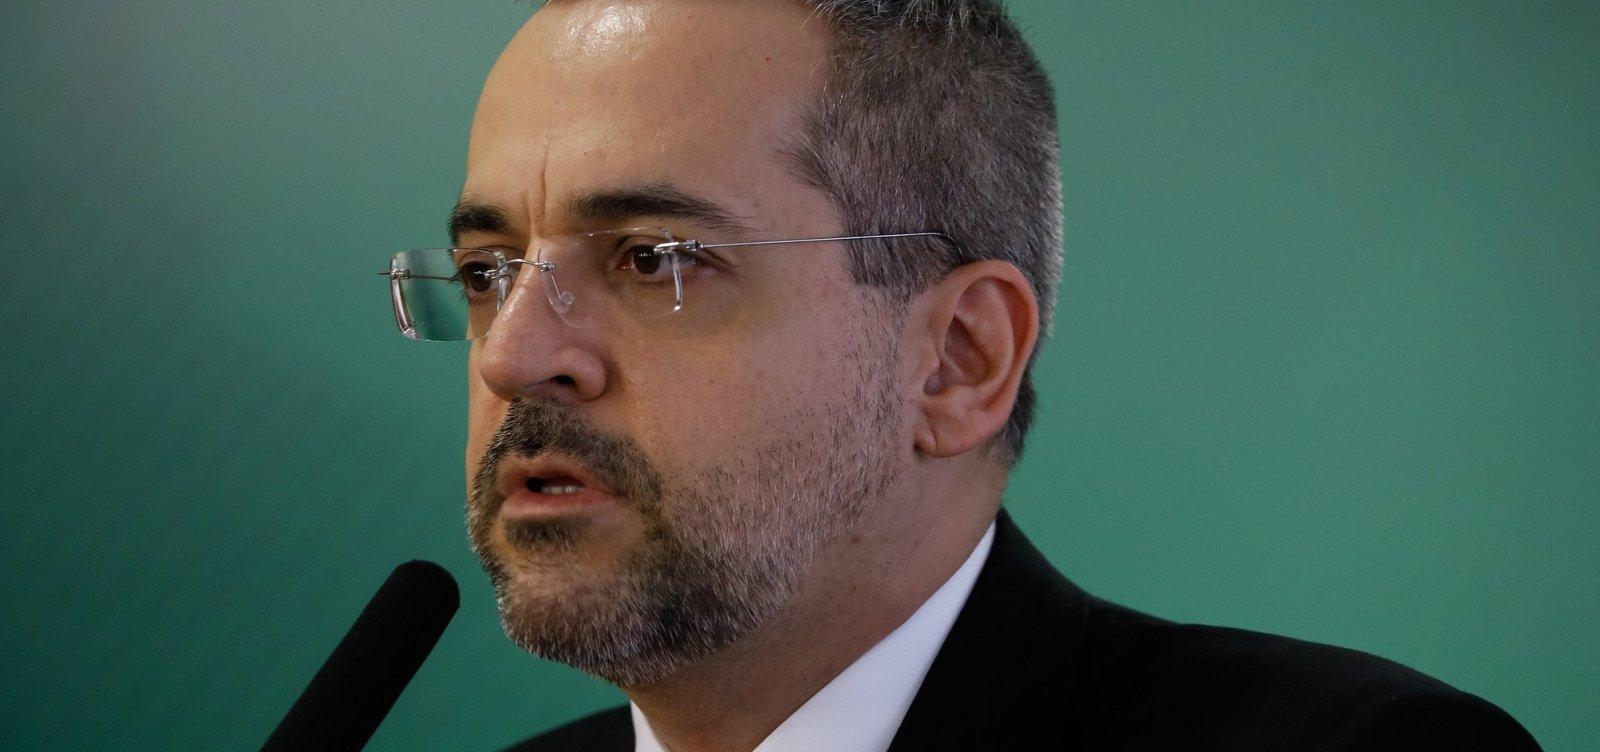 [Ministro diz que avião já transportou droga em maior quantidade: 'Alguém sabe o peso do Lula ou Dilma?']